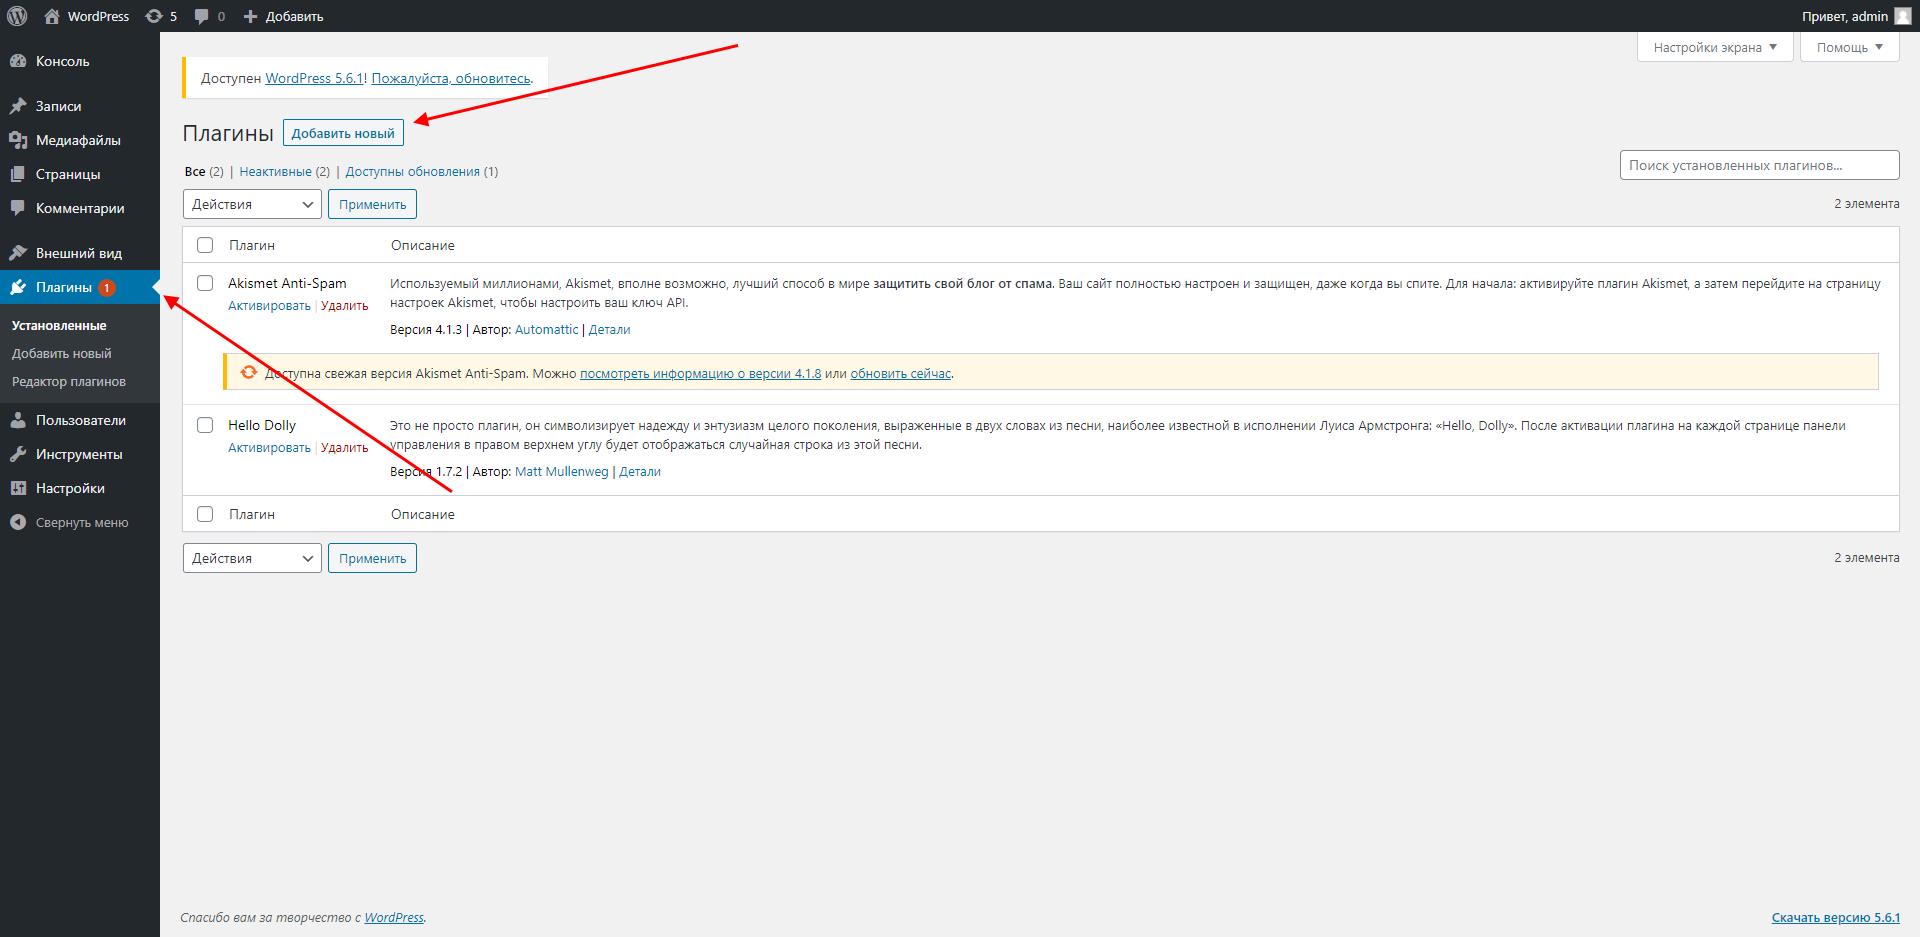 Как добавить новый плагин в WordPress